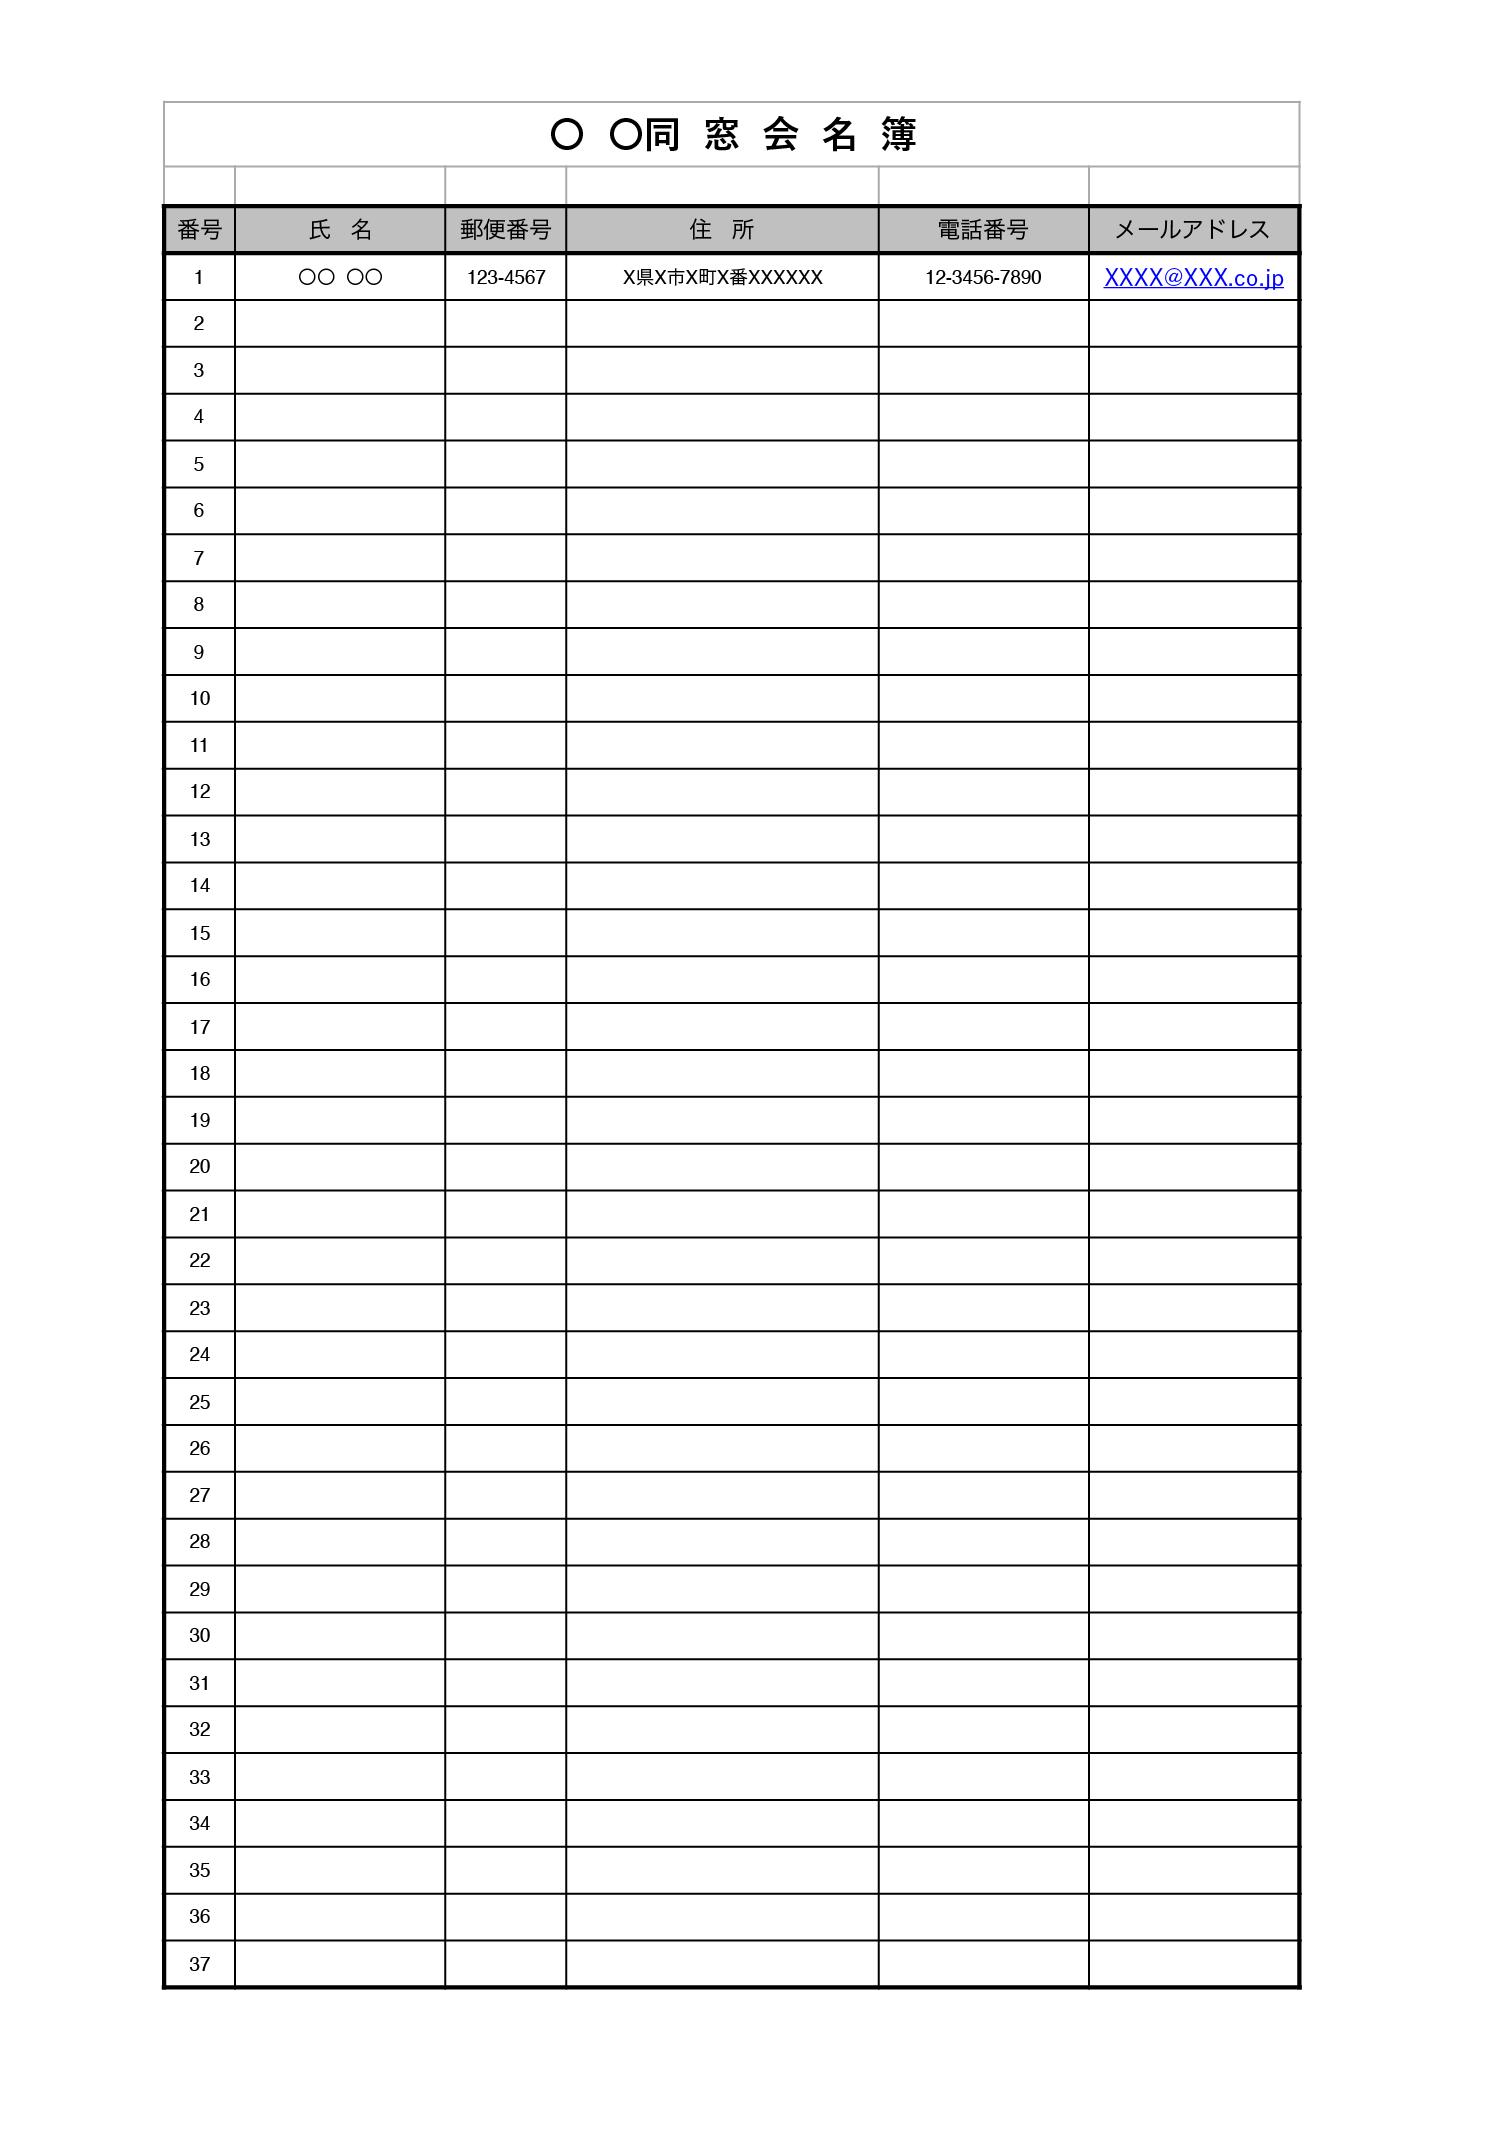 名簿テンプレート_同窓会(エクセル・ナンバーズ)